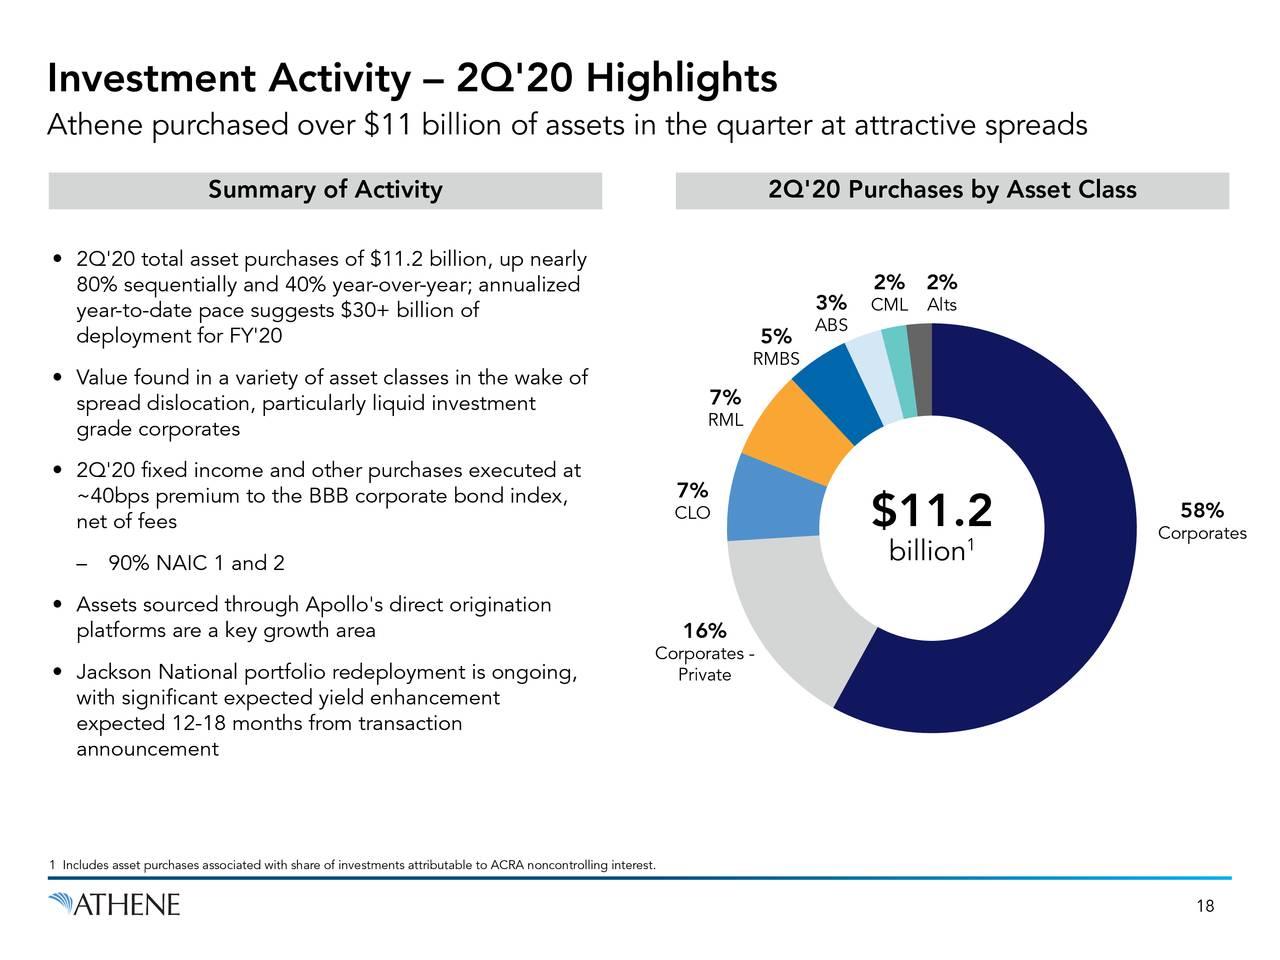 Actividad inversora - Aspectos destacados del 2T'20